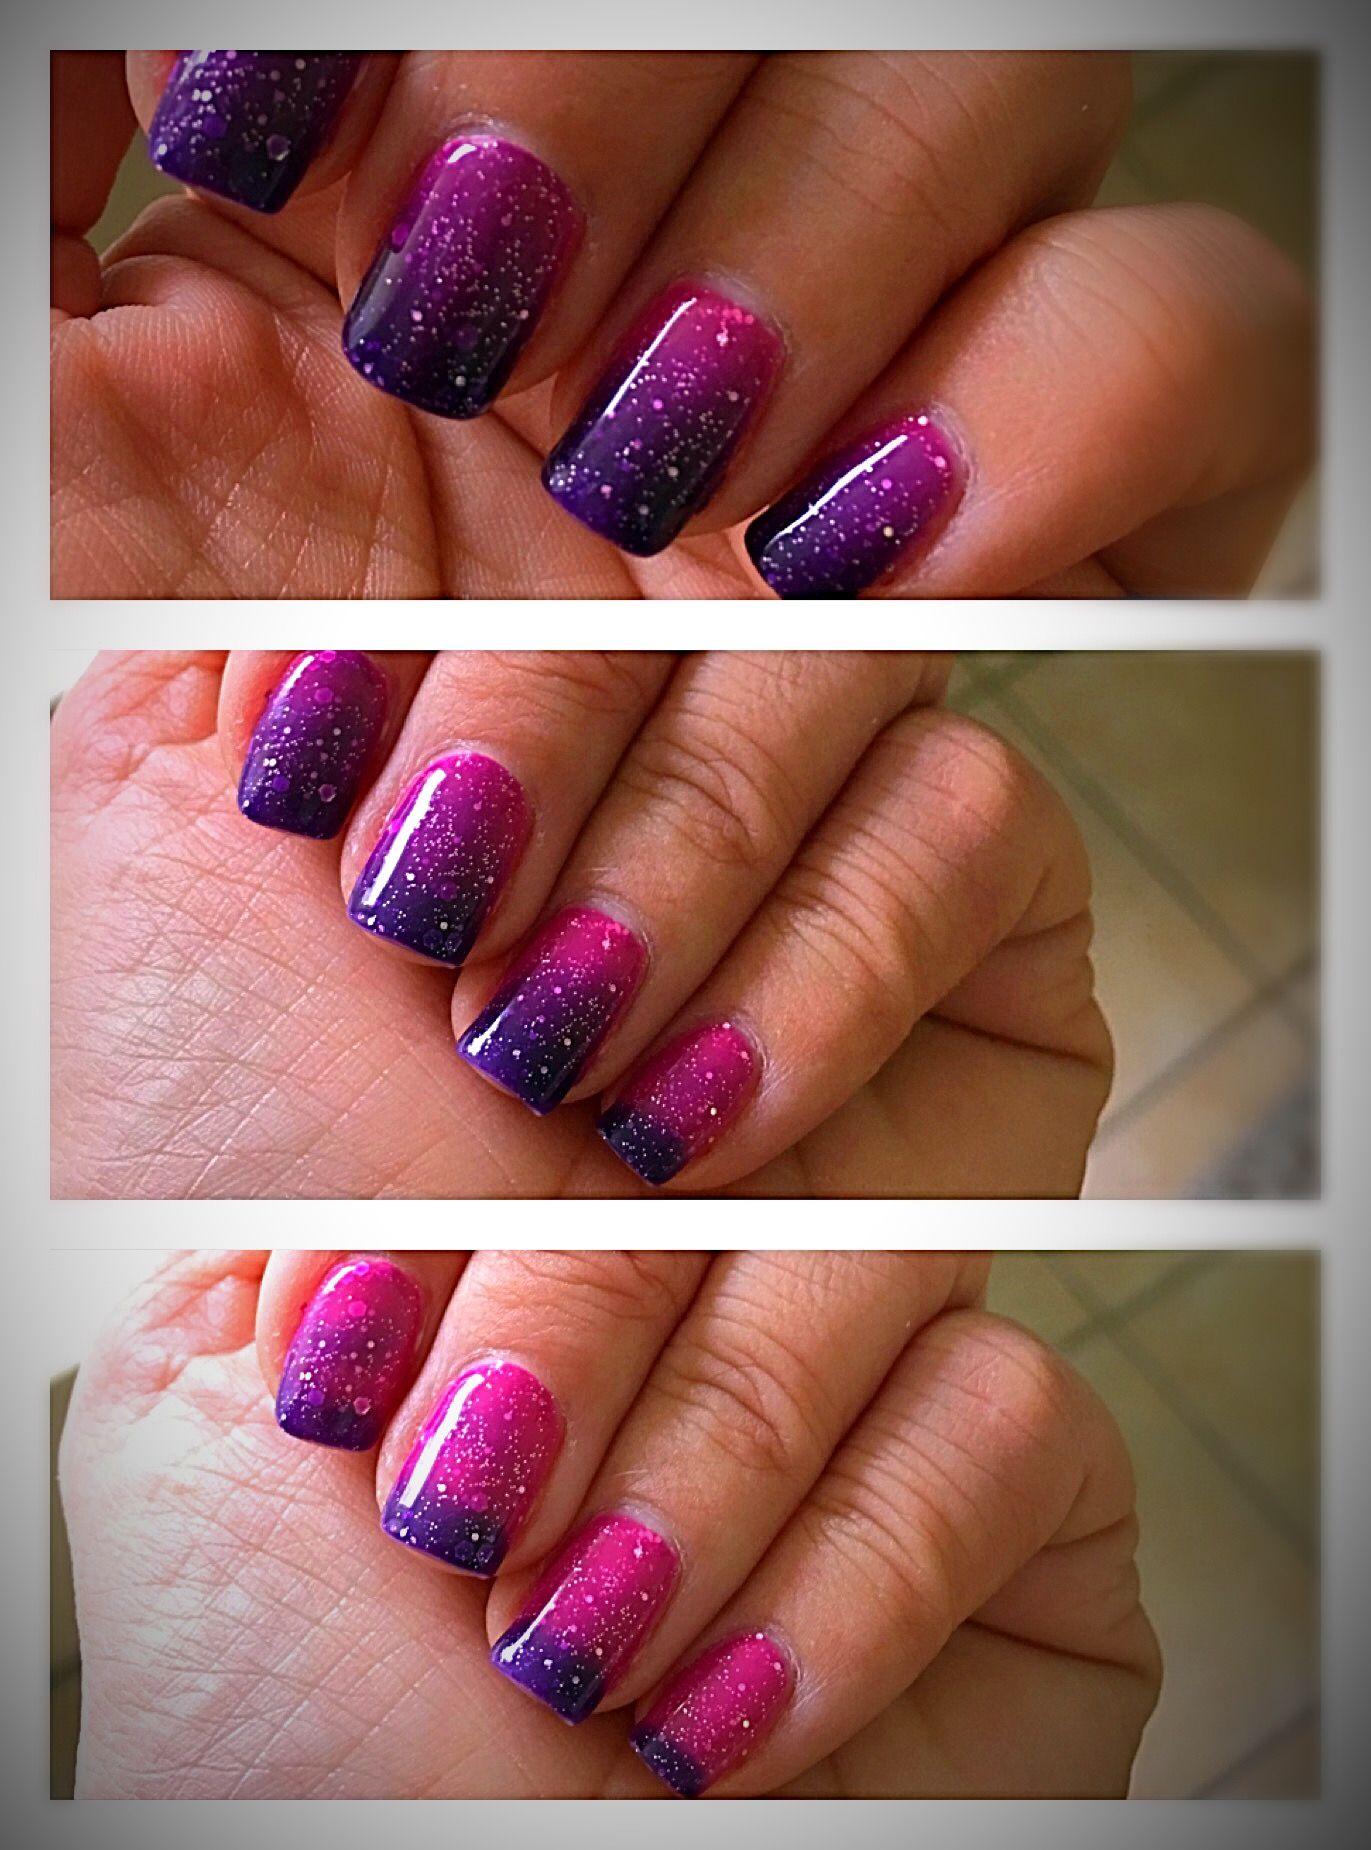 Pink Galaxy Mood Changing Gel Polish Mood Nail Polish Gel Mood Changing Nail Polish Mood Nail Polish